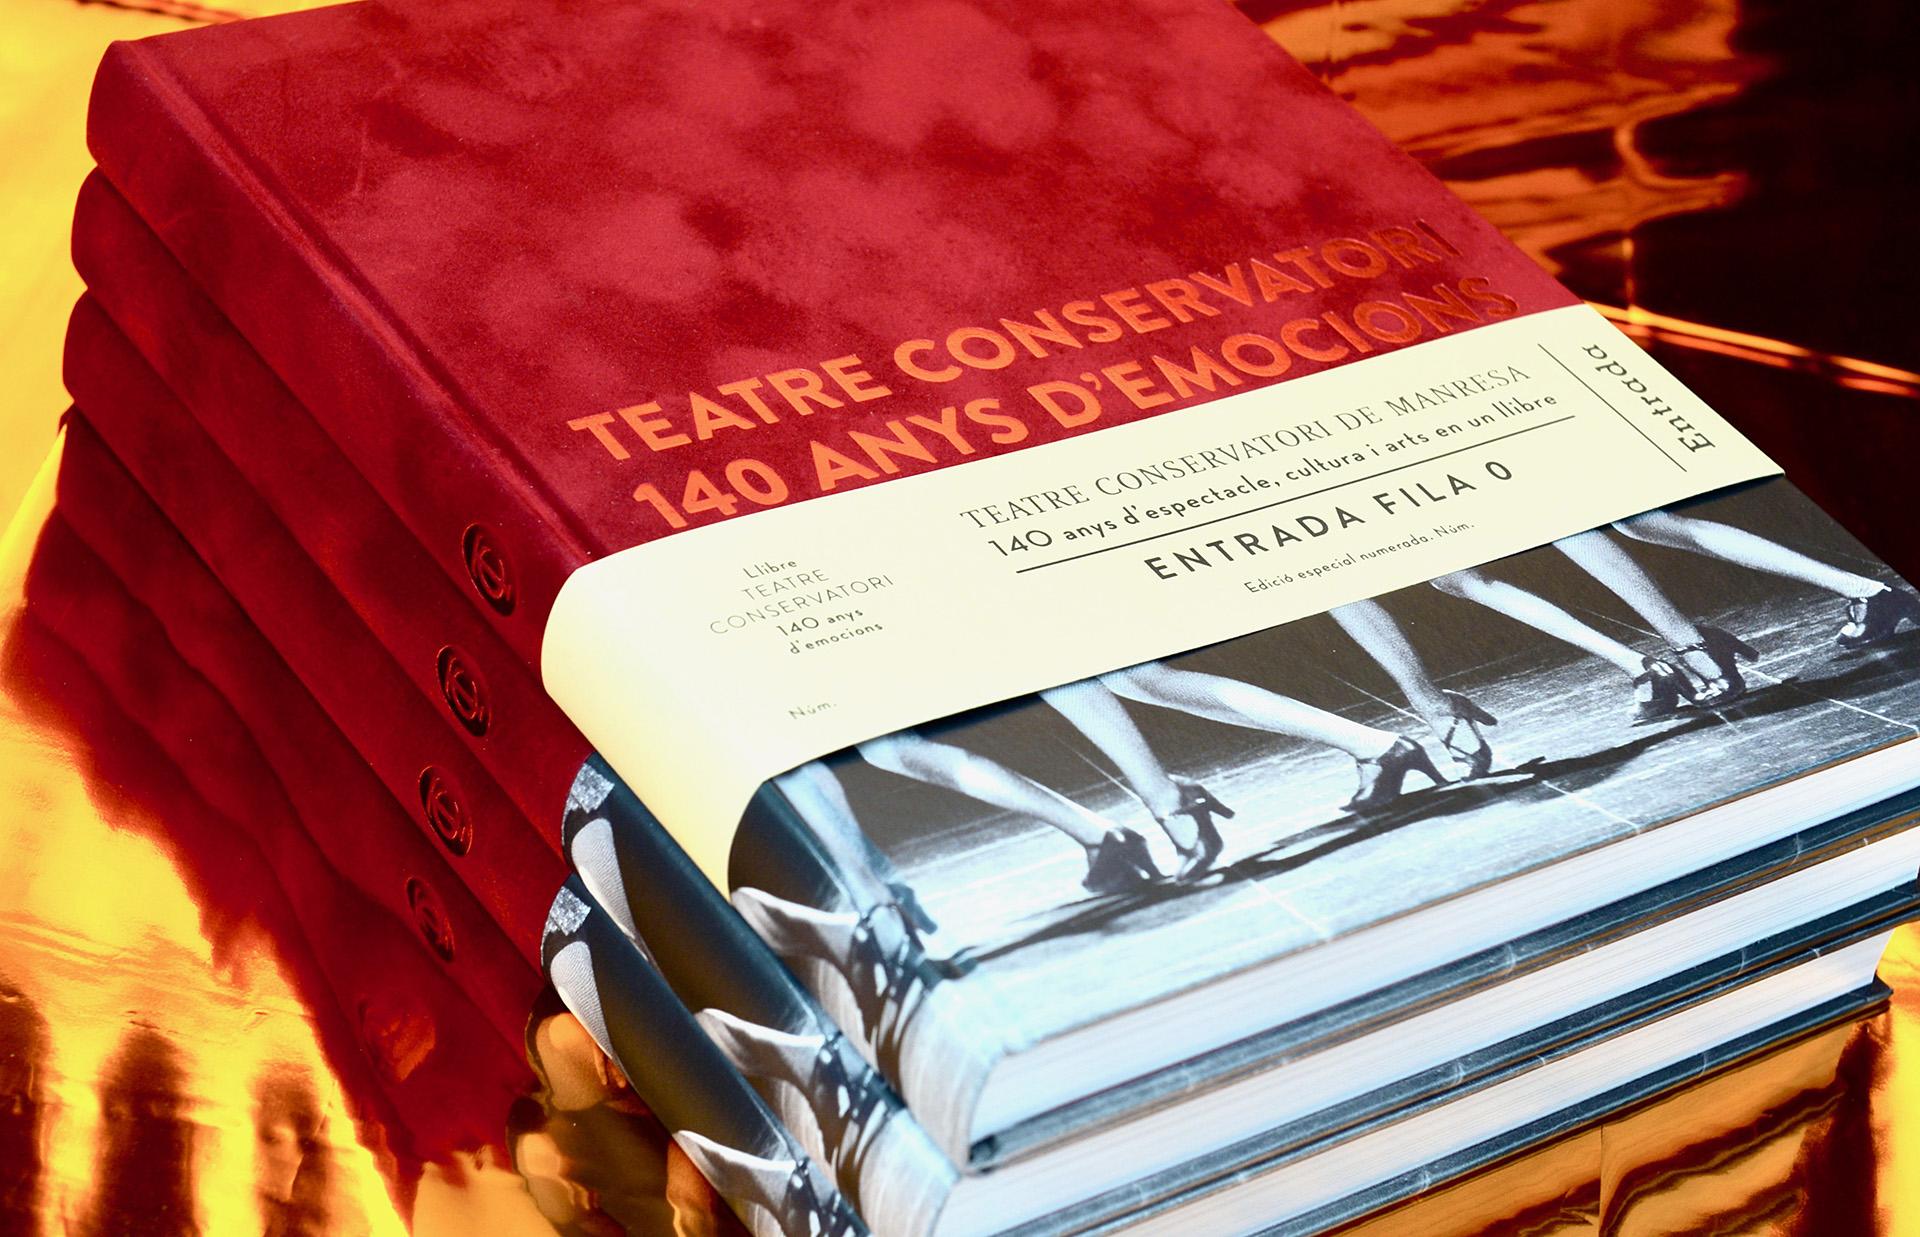 Producción especial del libro Teatre Conservatori con su faja, lomo redondo y encuadernación tapa dura